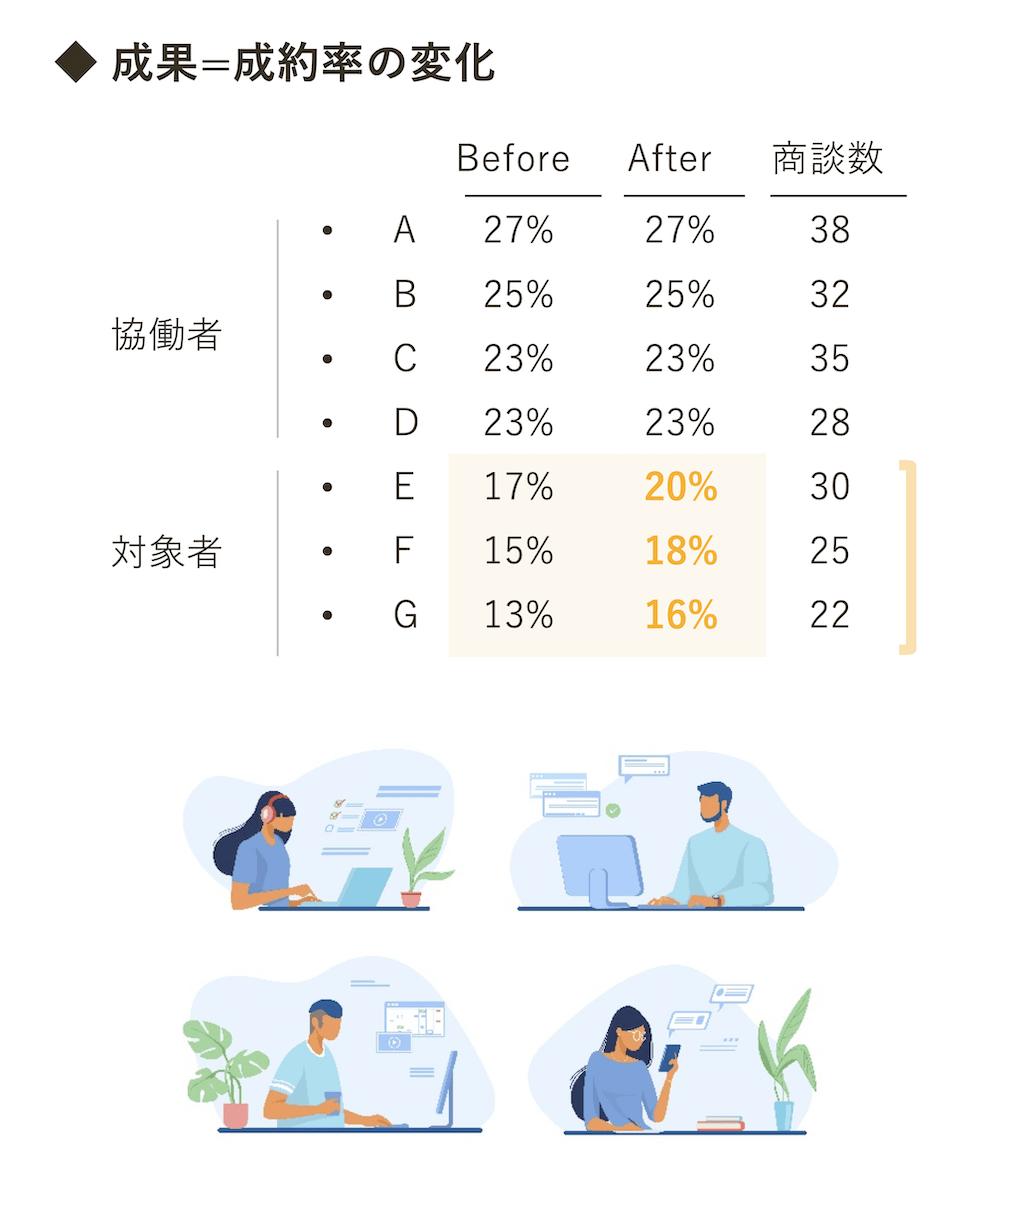 オンライン商談トップロゴ